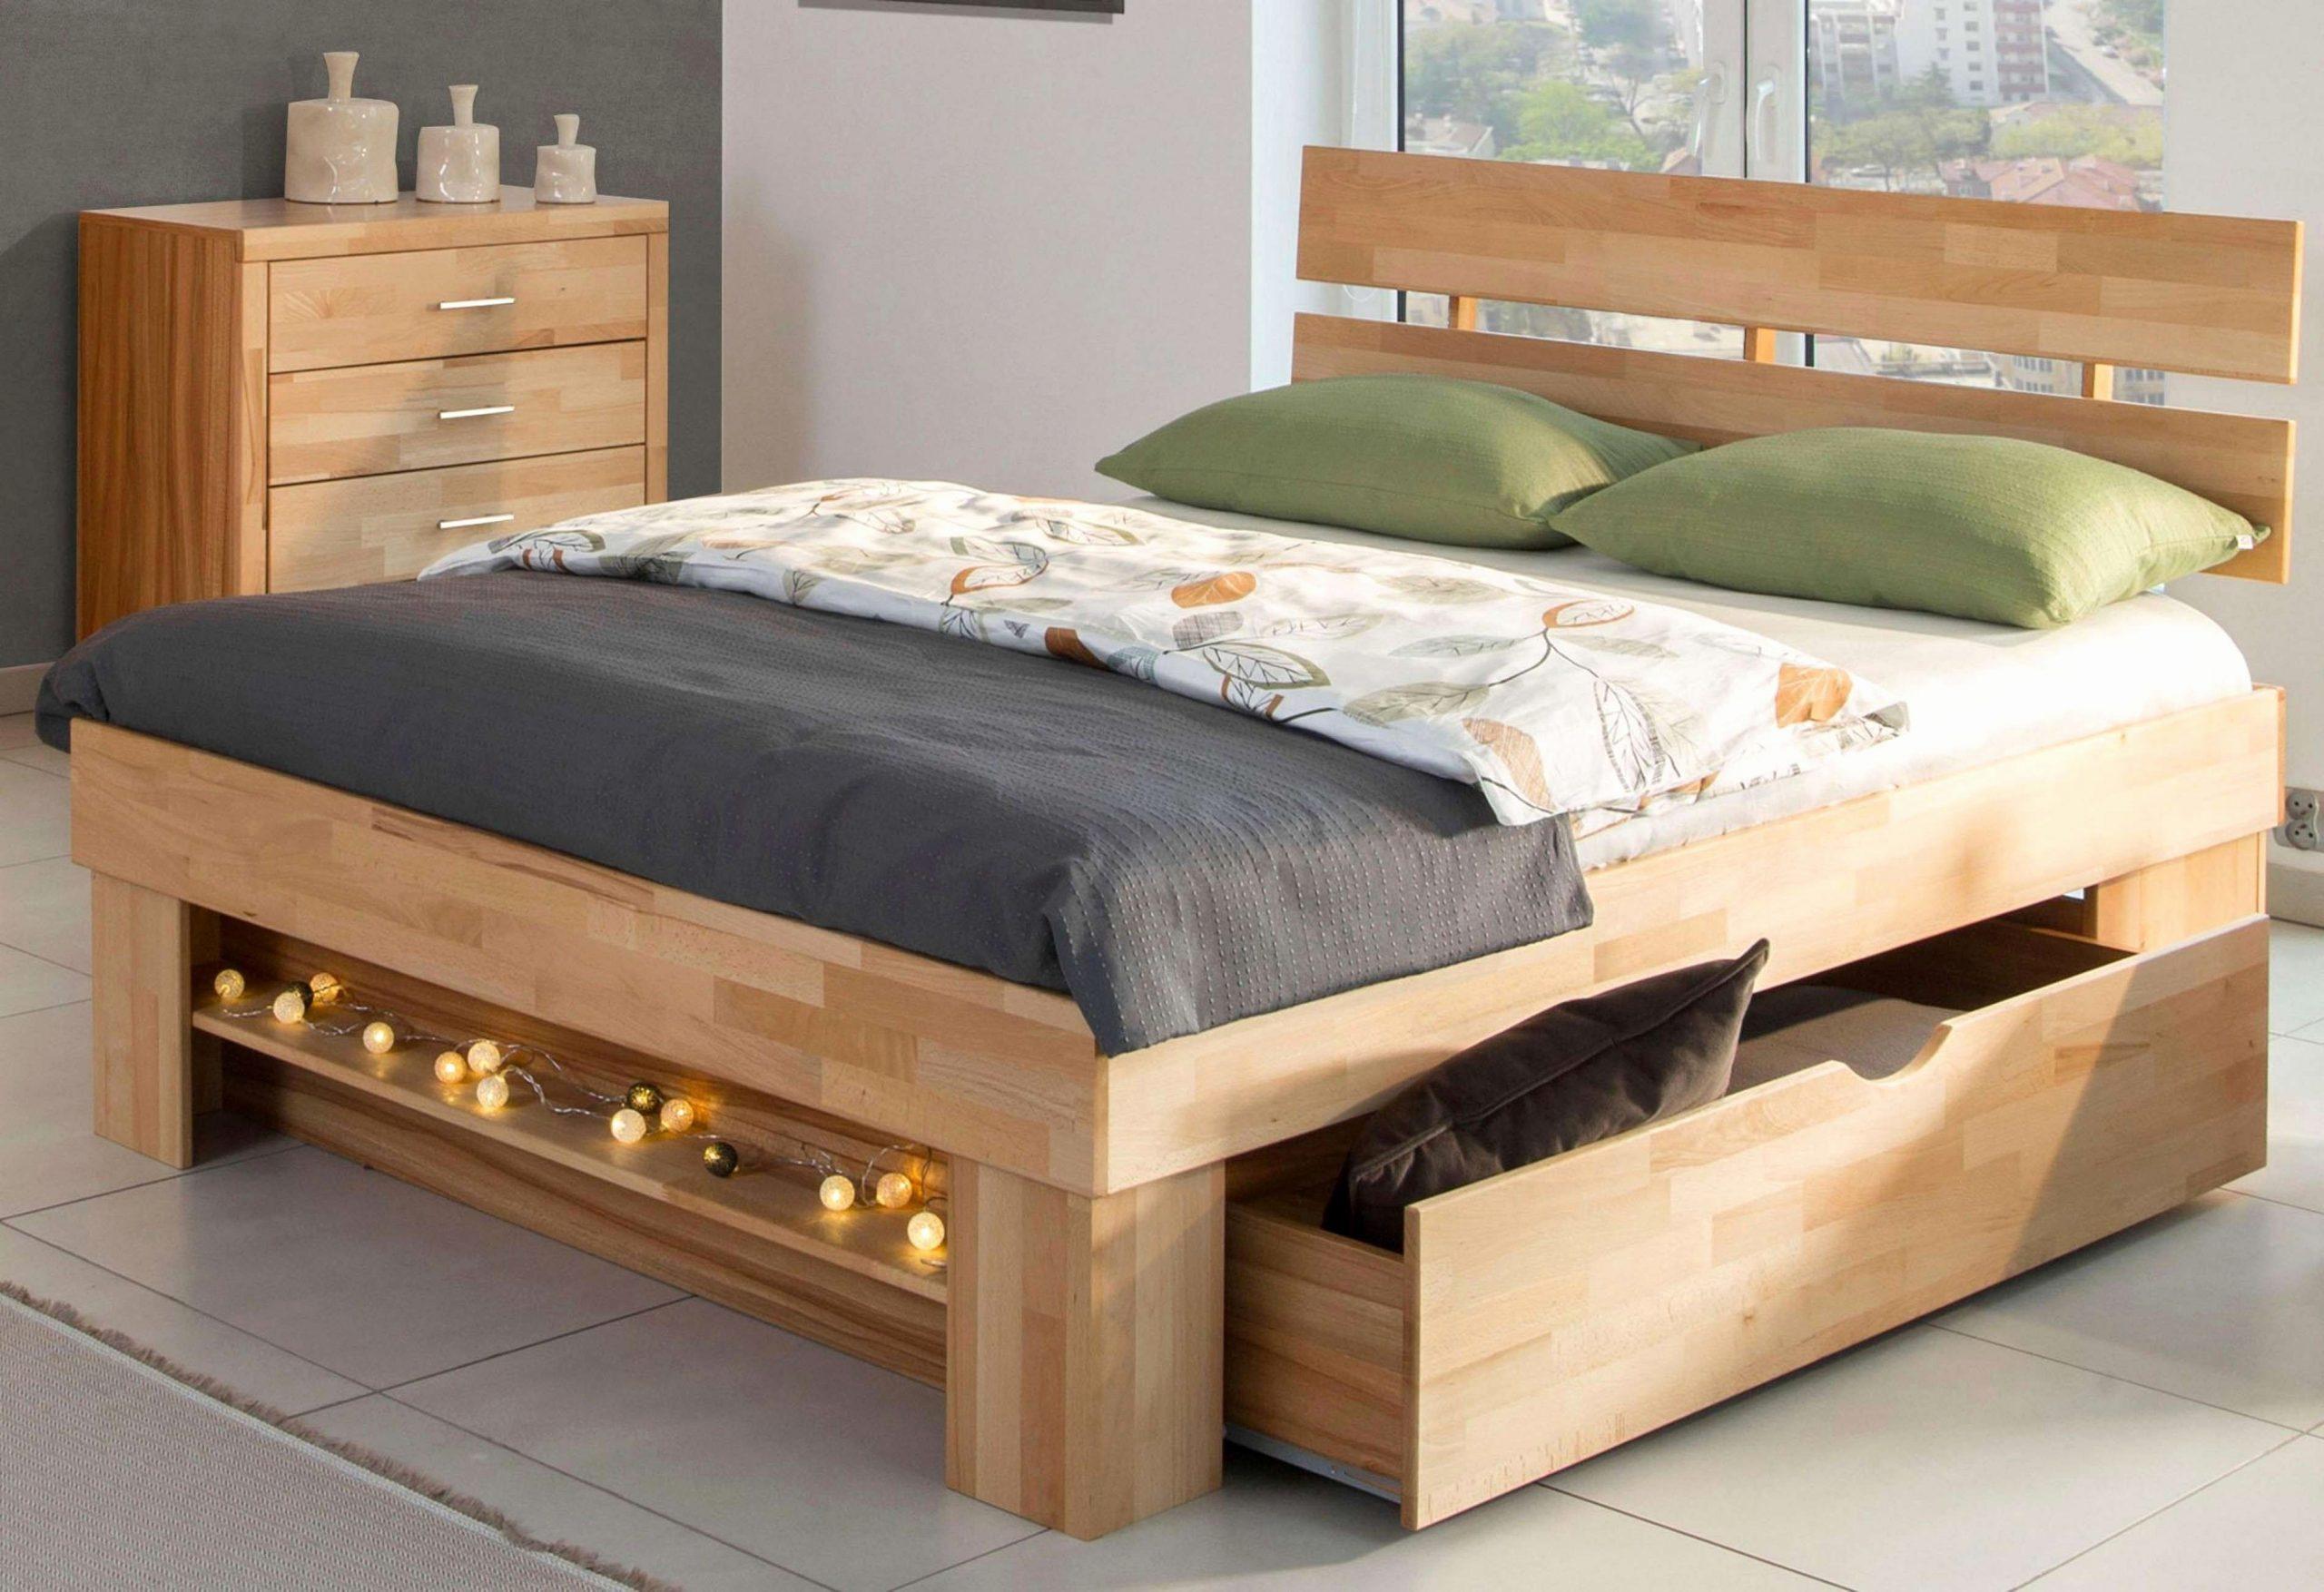 Full Size of Hohe Betten Mit Stauraum Modisch Trends Mdchen Schlafzimmer Hasena Oschmann Xxl Ruf Für Teenager 100x200 160x200 Günstig Kaufen 180x200 Amazon Kinder Bett Betten überlänge